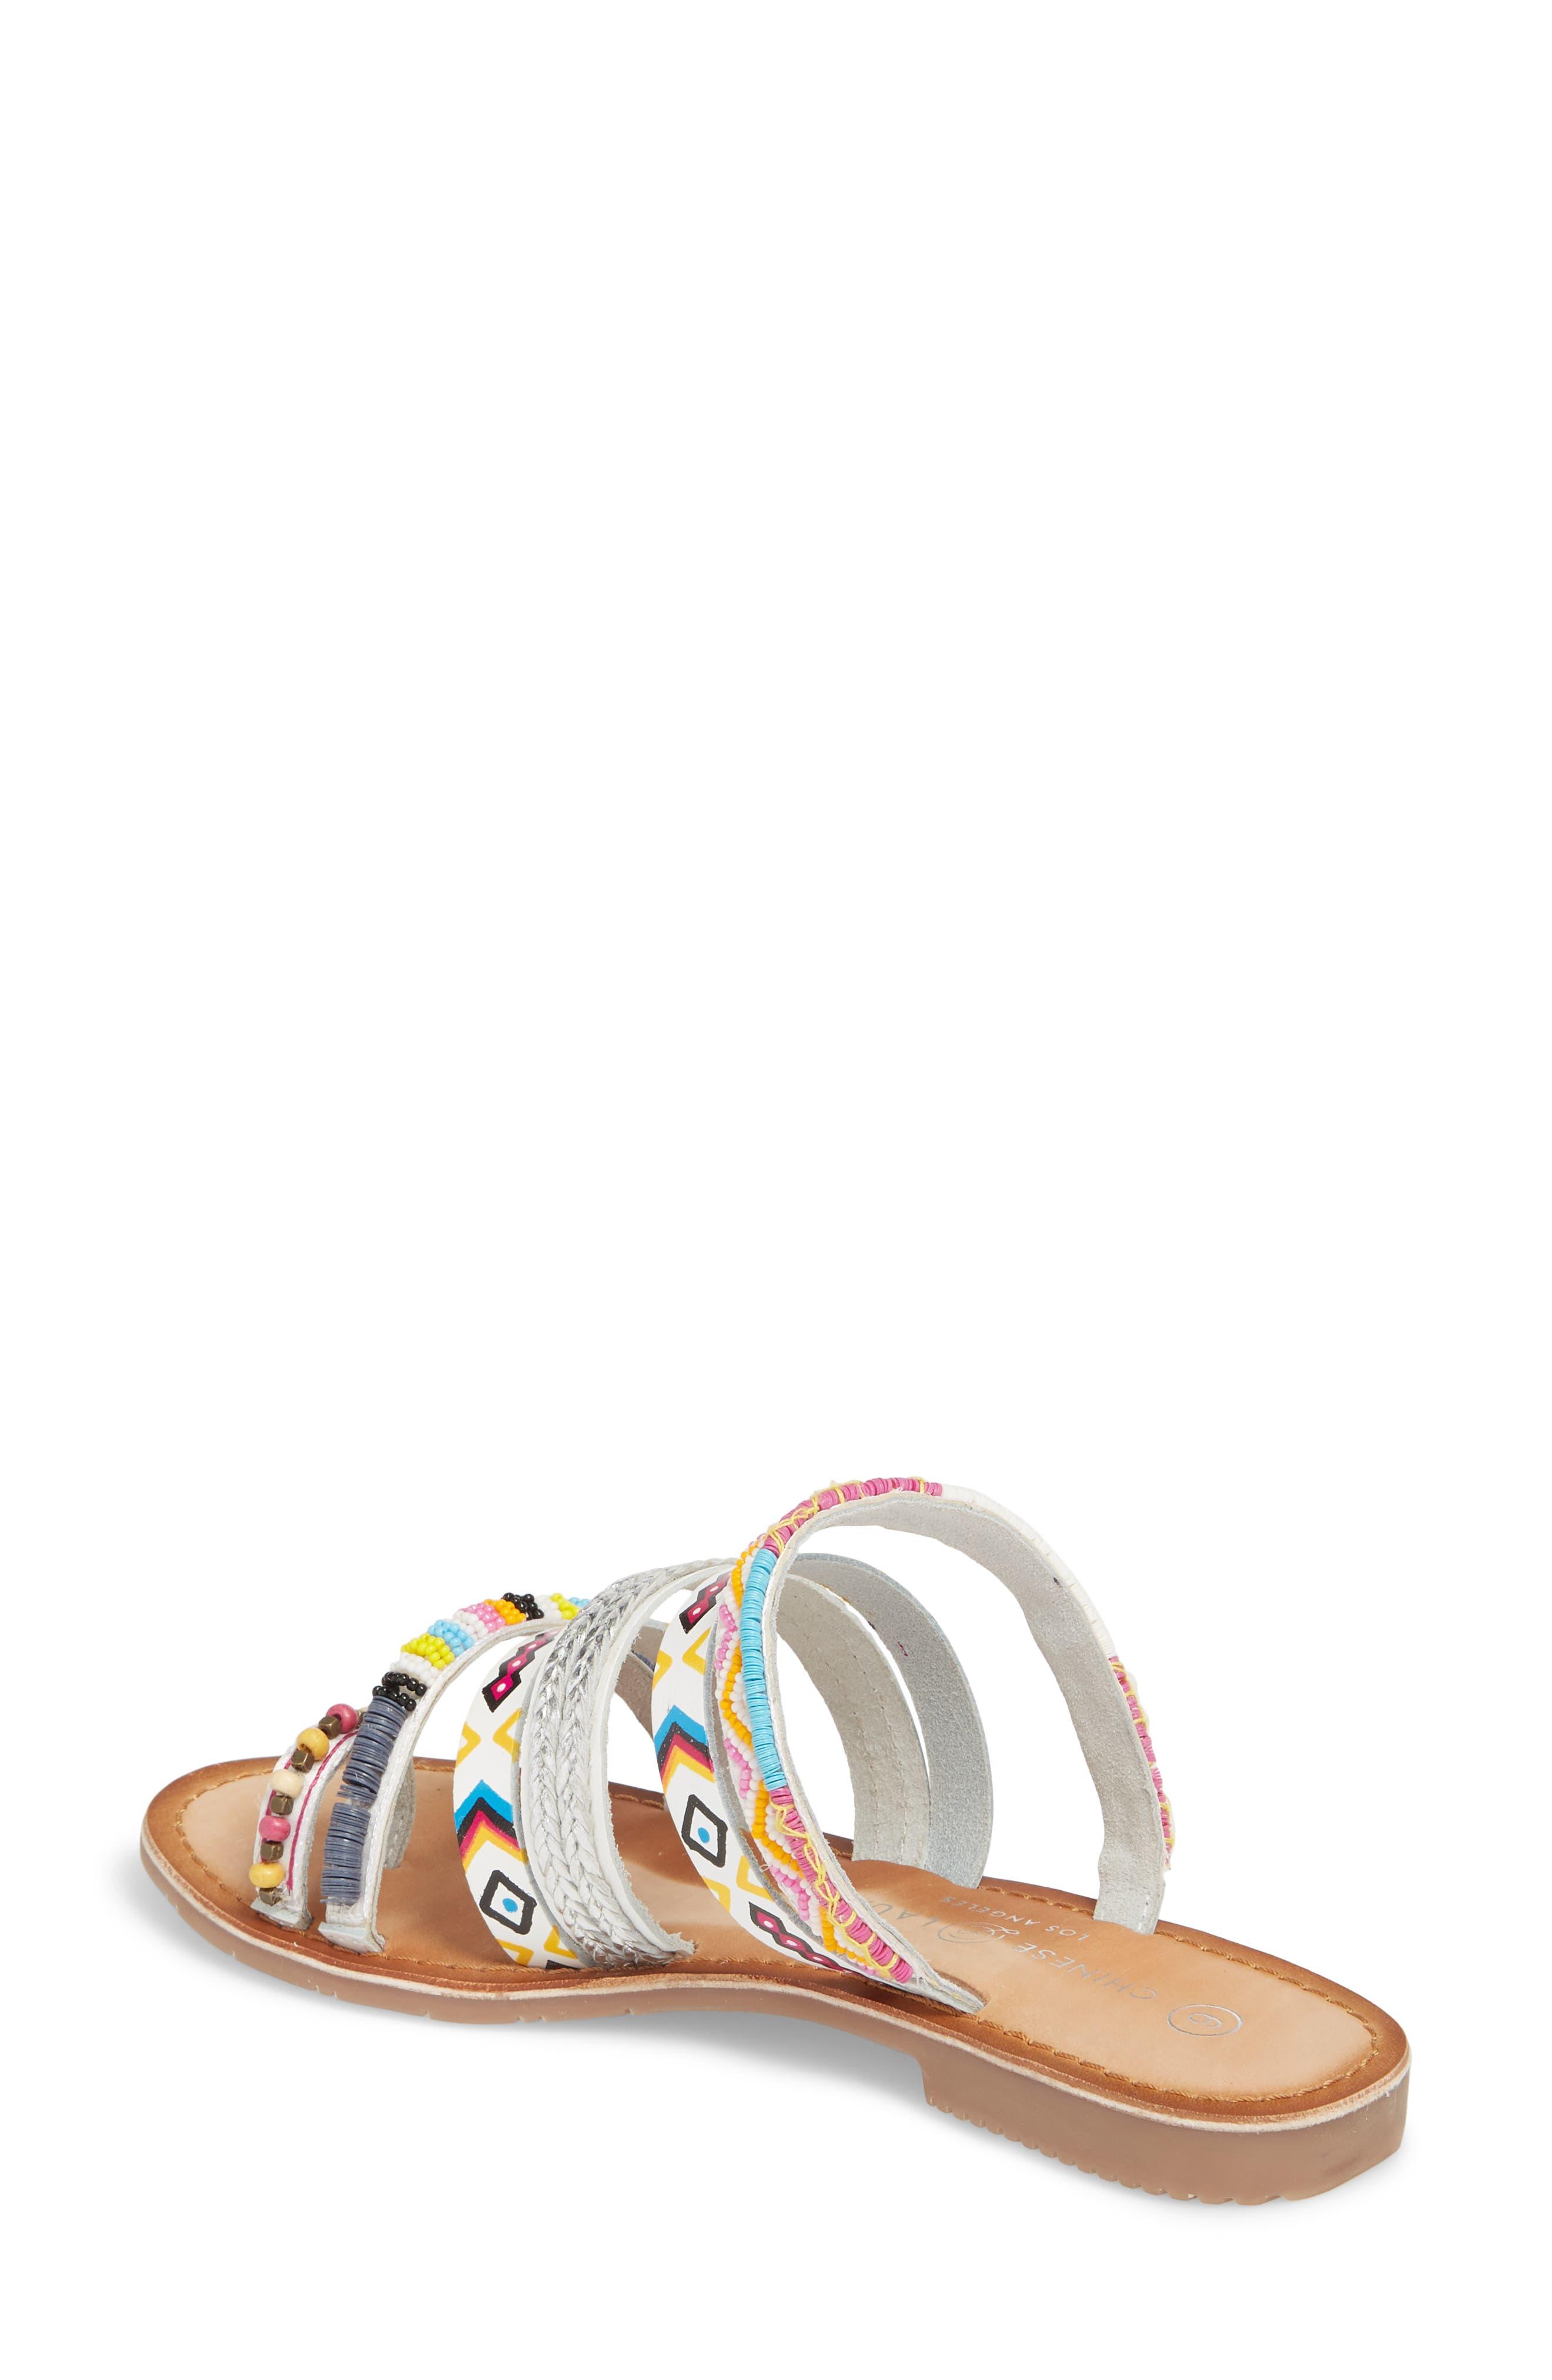 Pandora Embellished Slide Sandal,                             Alternate thumbnail 2, color,                             100